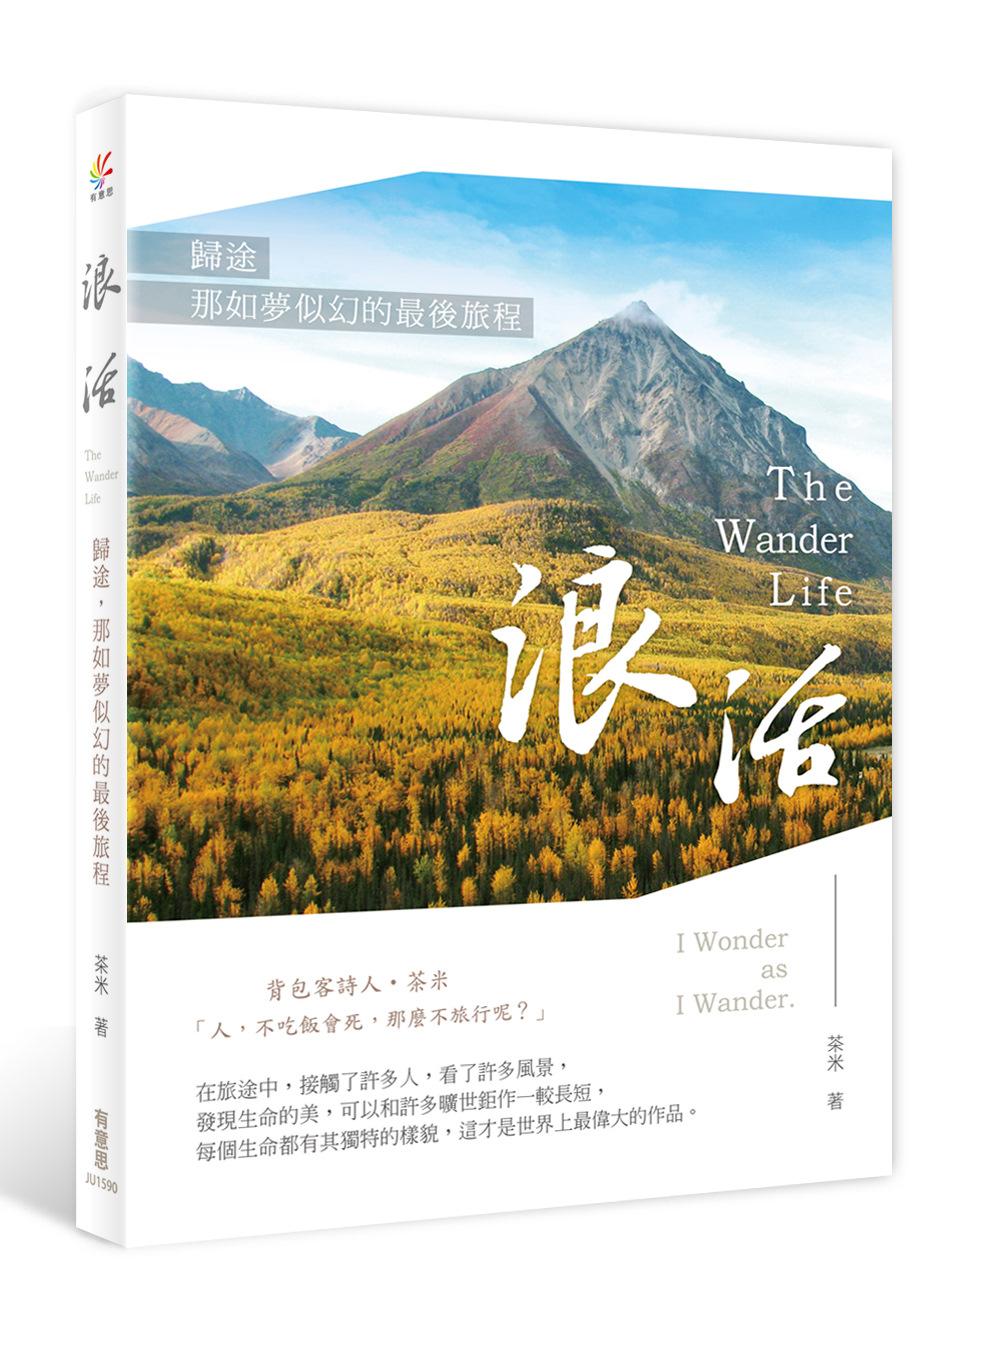 浪活 The Wander Life:歸途,那如夢似幻的最後旅程